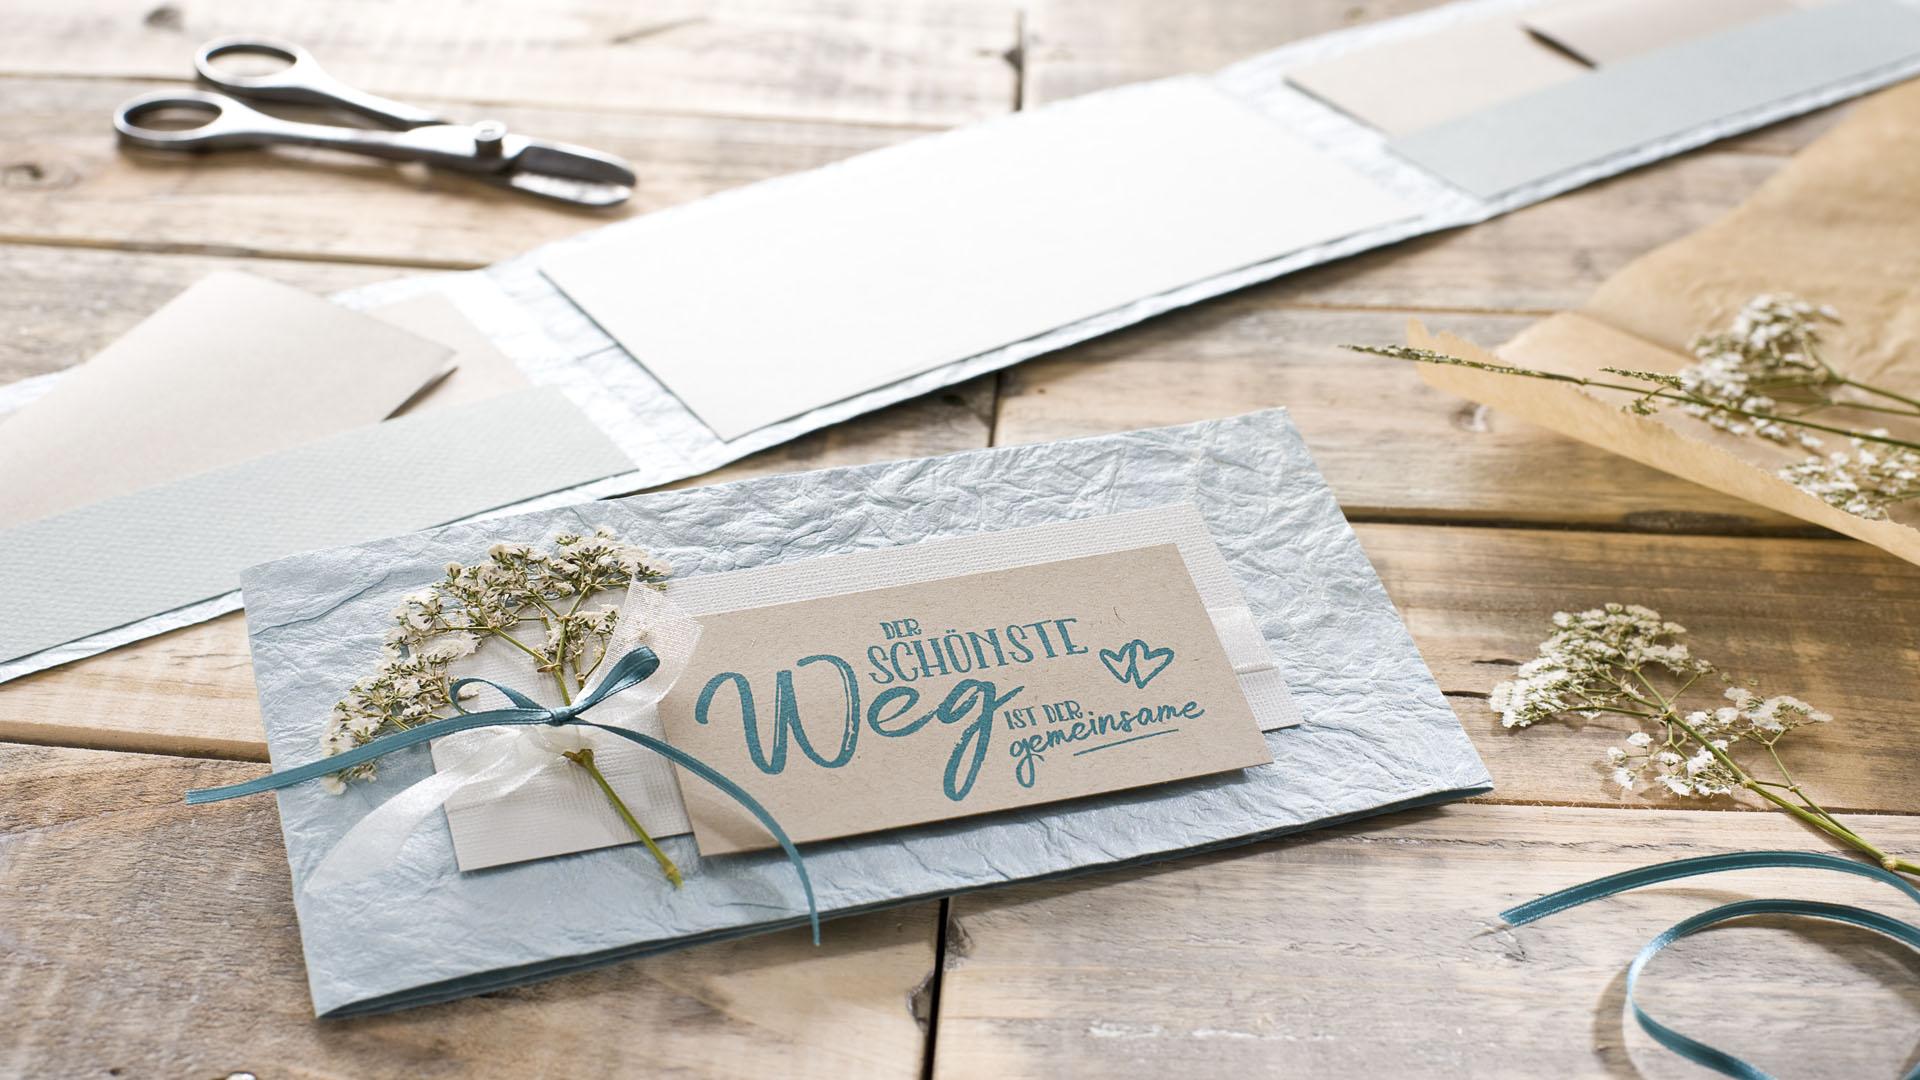 Ideen für Hochzeiten: Der schönste Weg ist der gemeinsame | Einladung